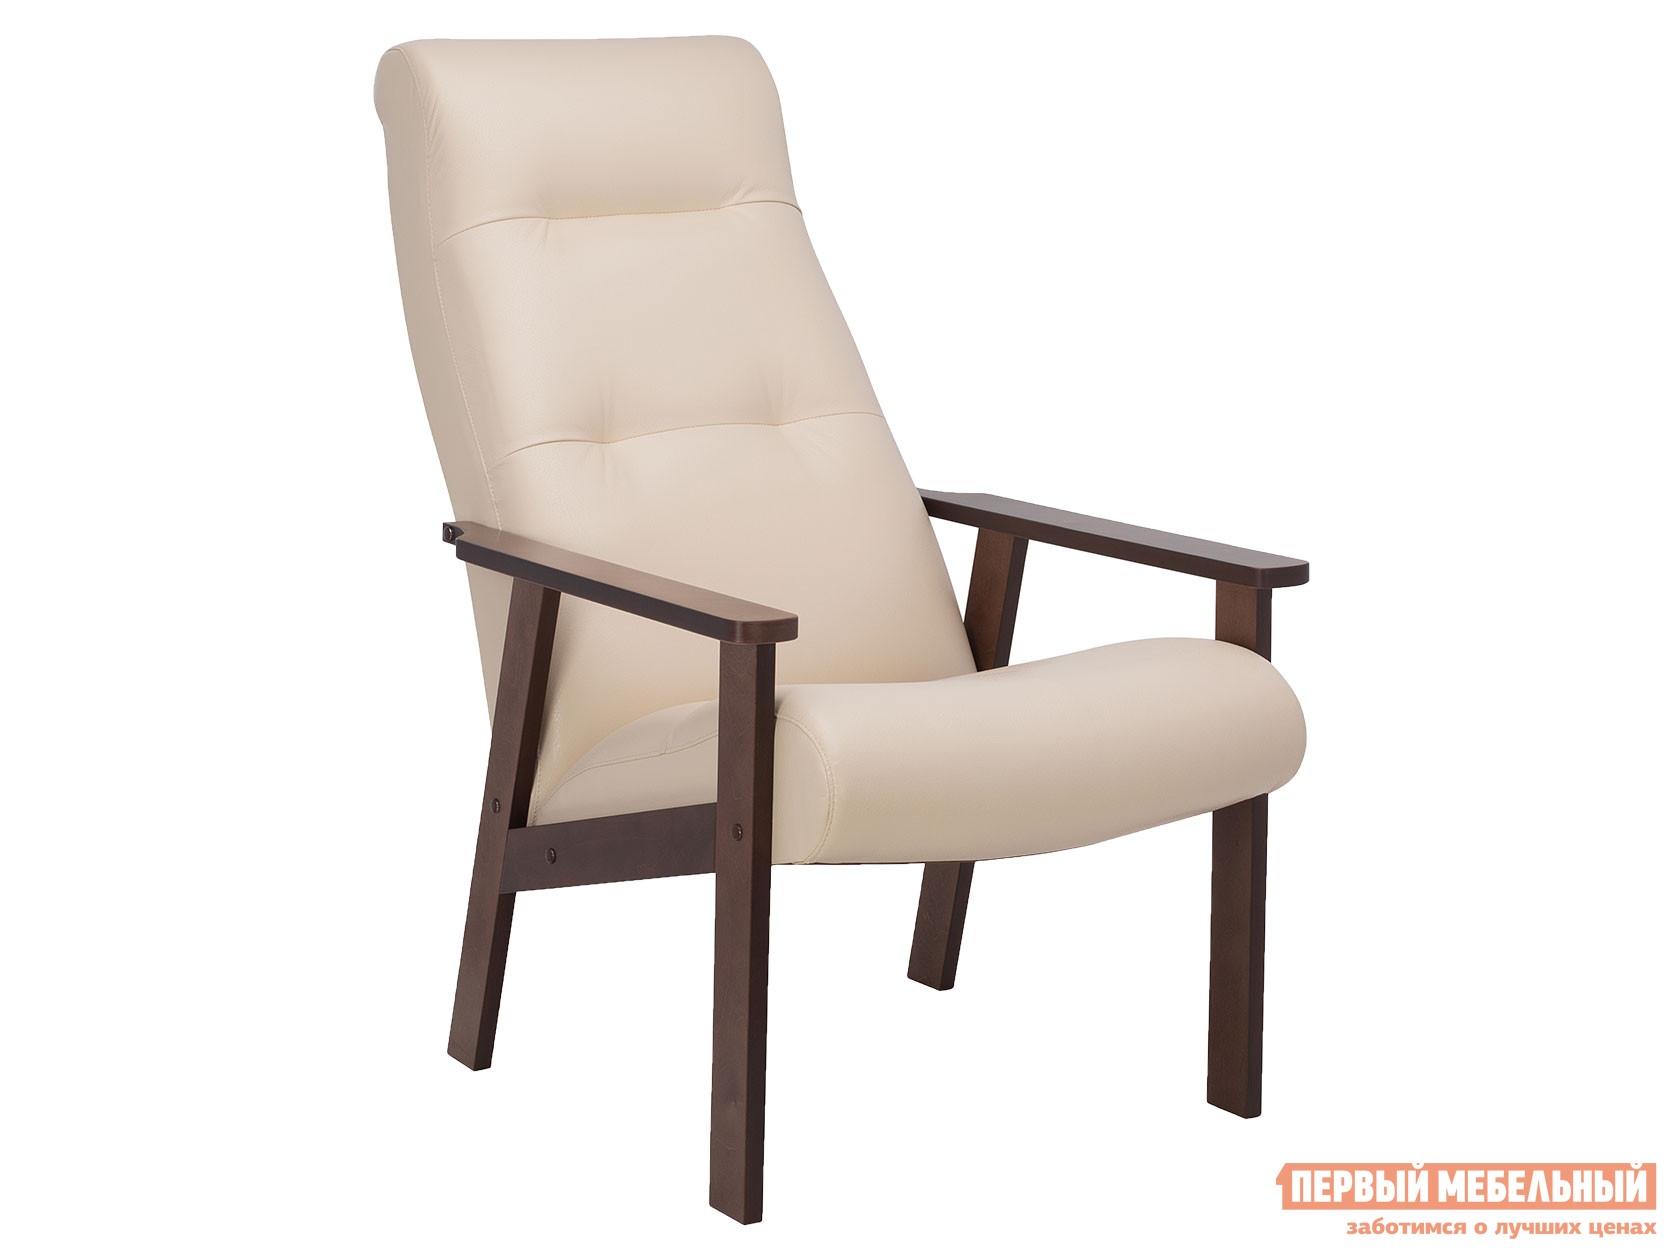 Кресло Мебель Импэкс Кресло Leset Retro